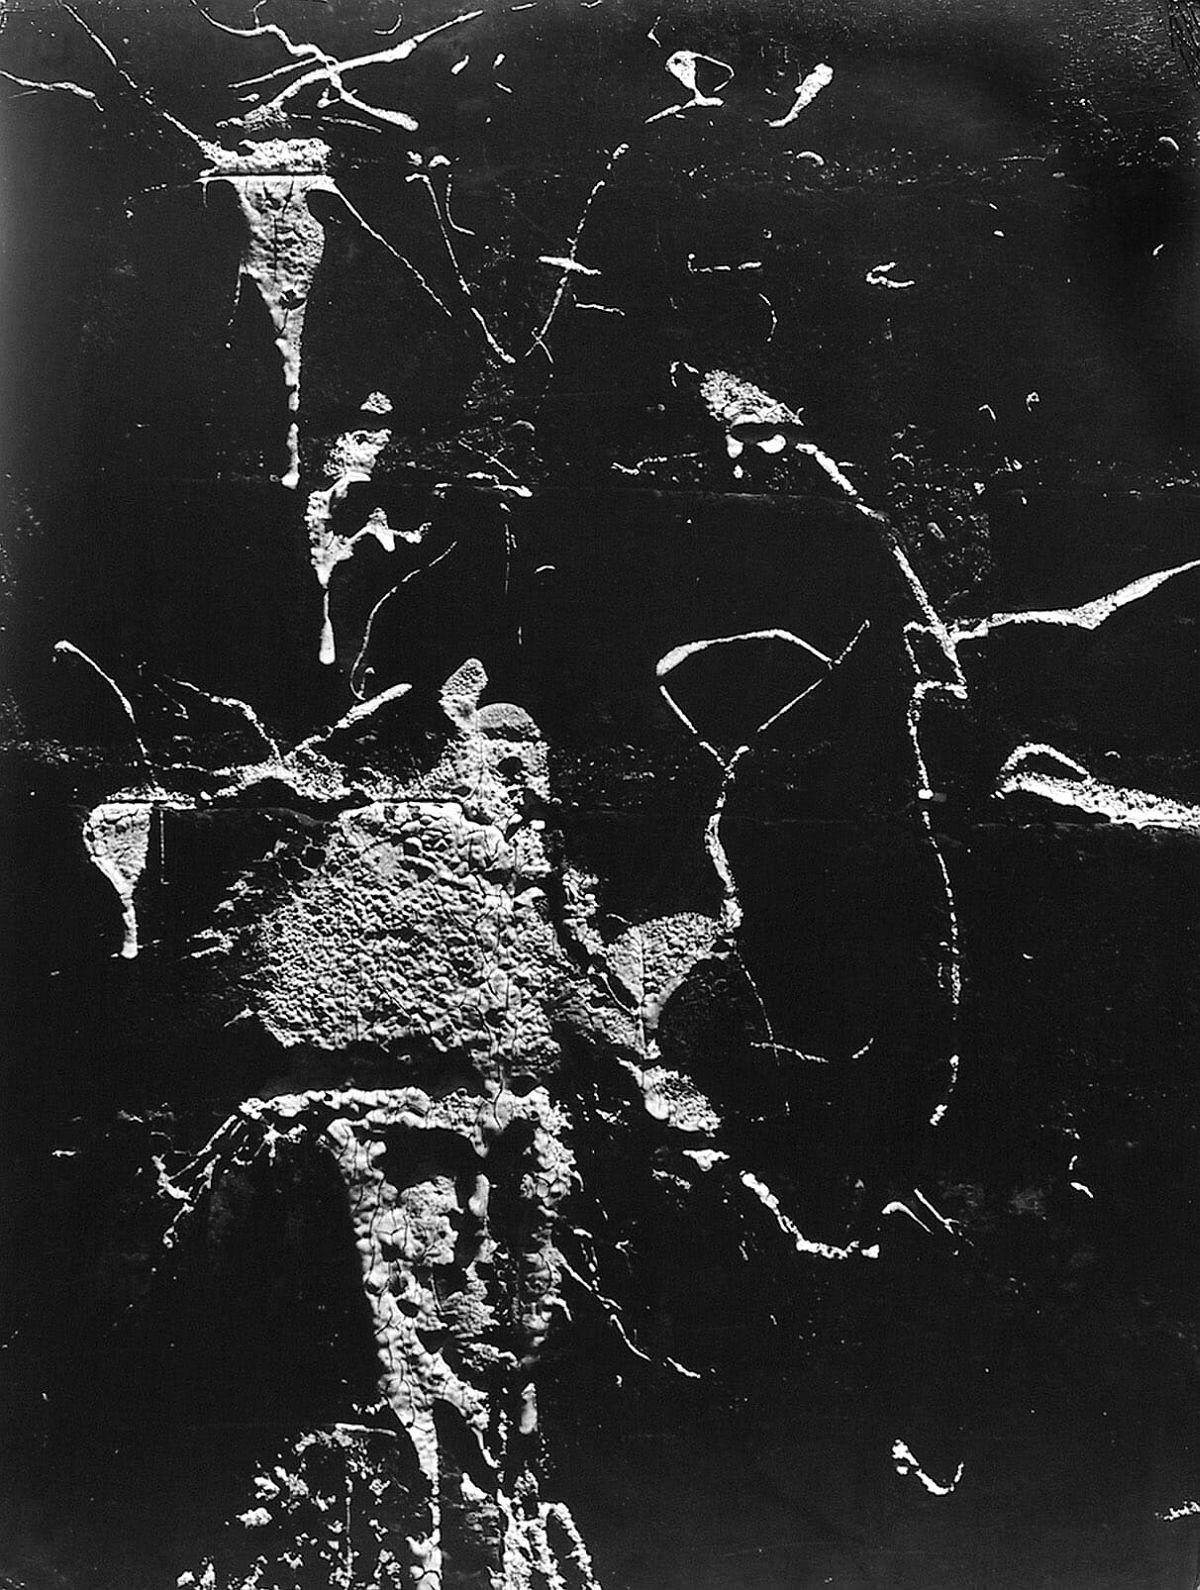 Siskind, Aaron. Chicago, 1948. Gelatin silver print, 16 x 13 3/8 in. (40.6 x 33.9 cm)